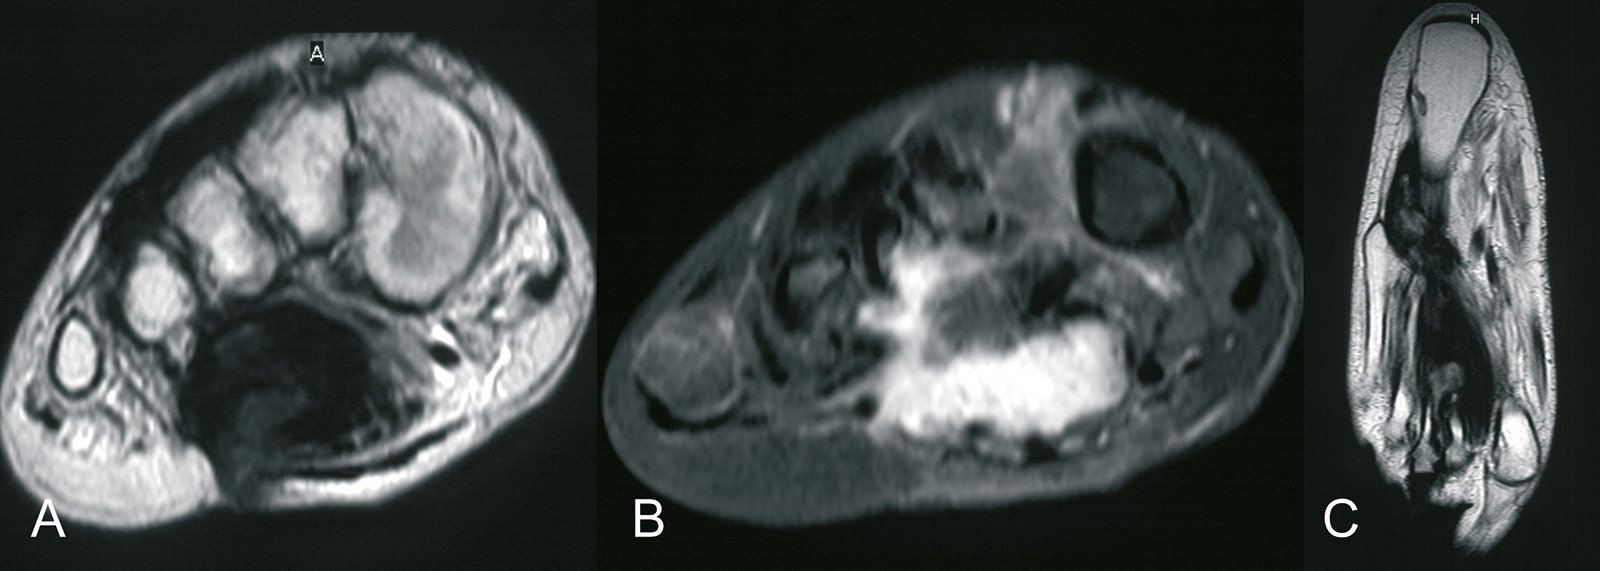 Abb. 8-57: Aggressive Fibromatose im Bereich des Fußgewölbes. (Eigentum des Instituts für Klinische Radiologie der Universität Münster)